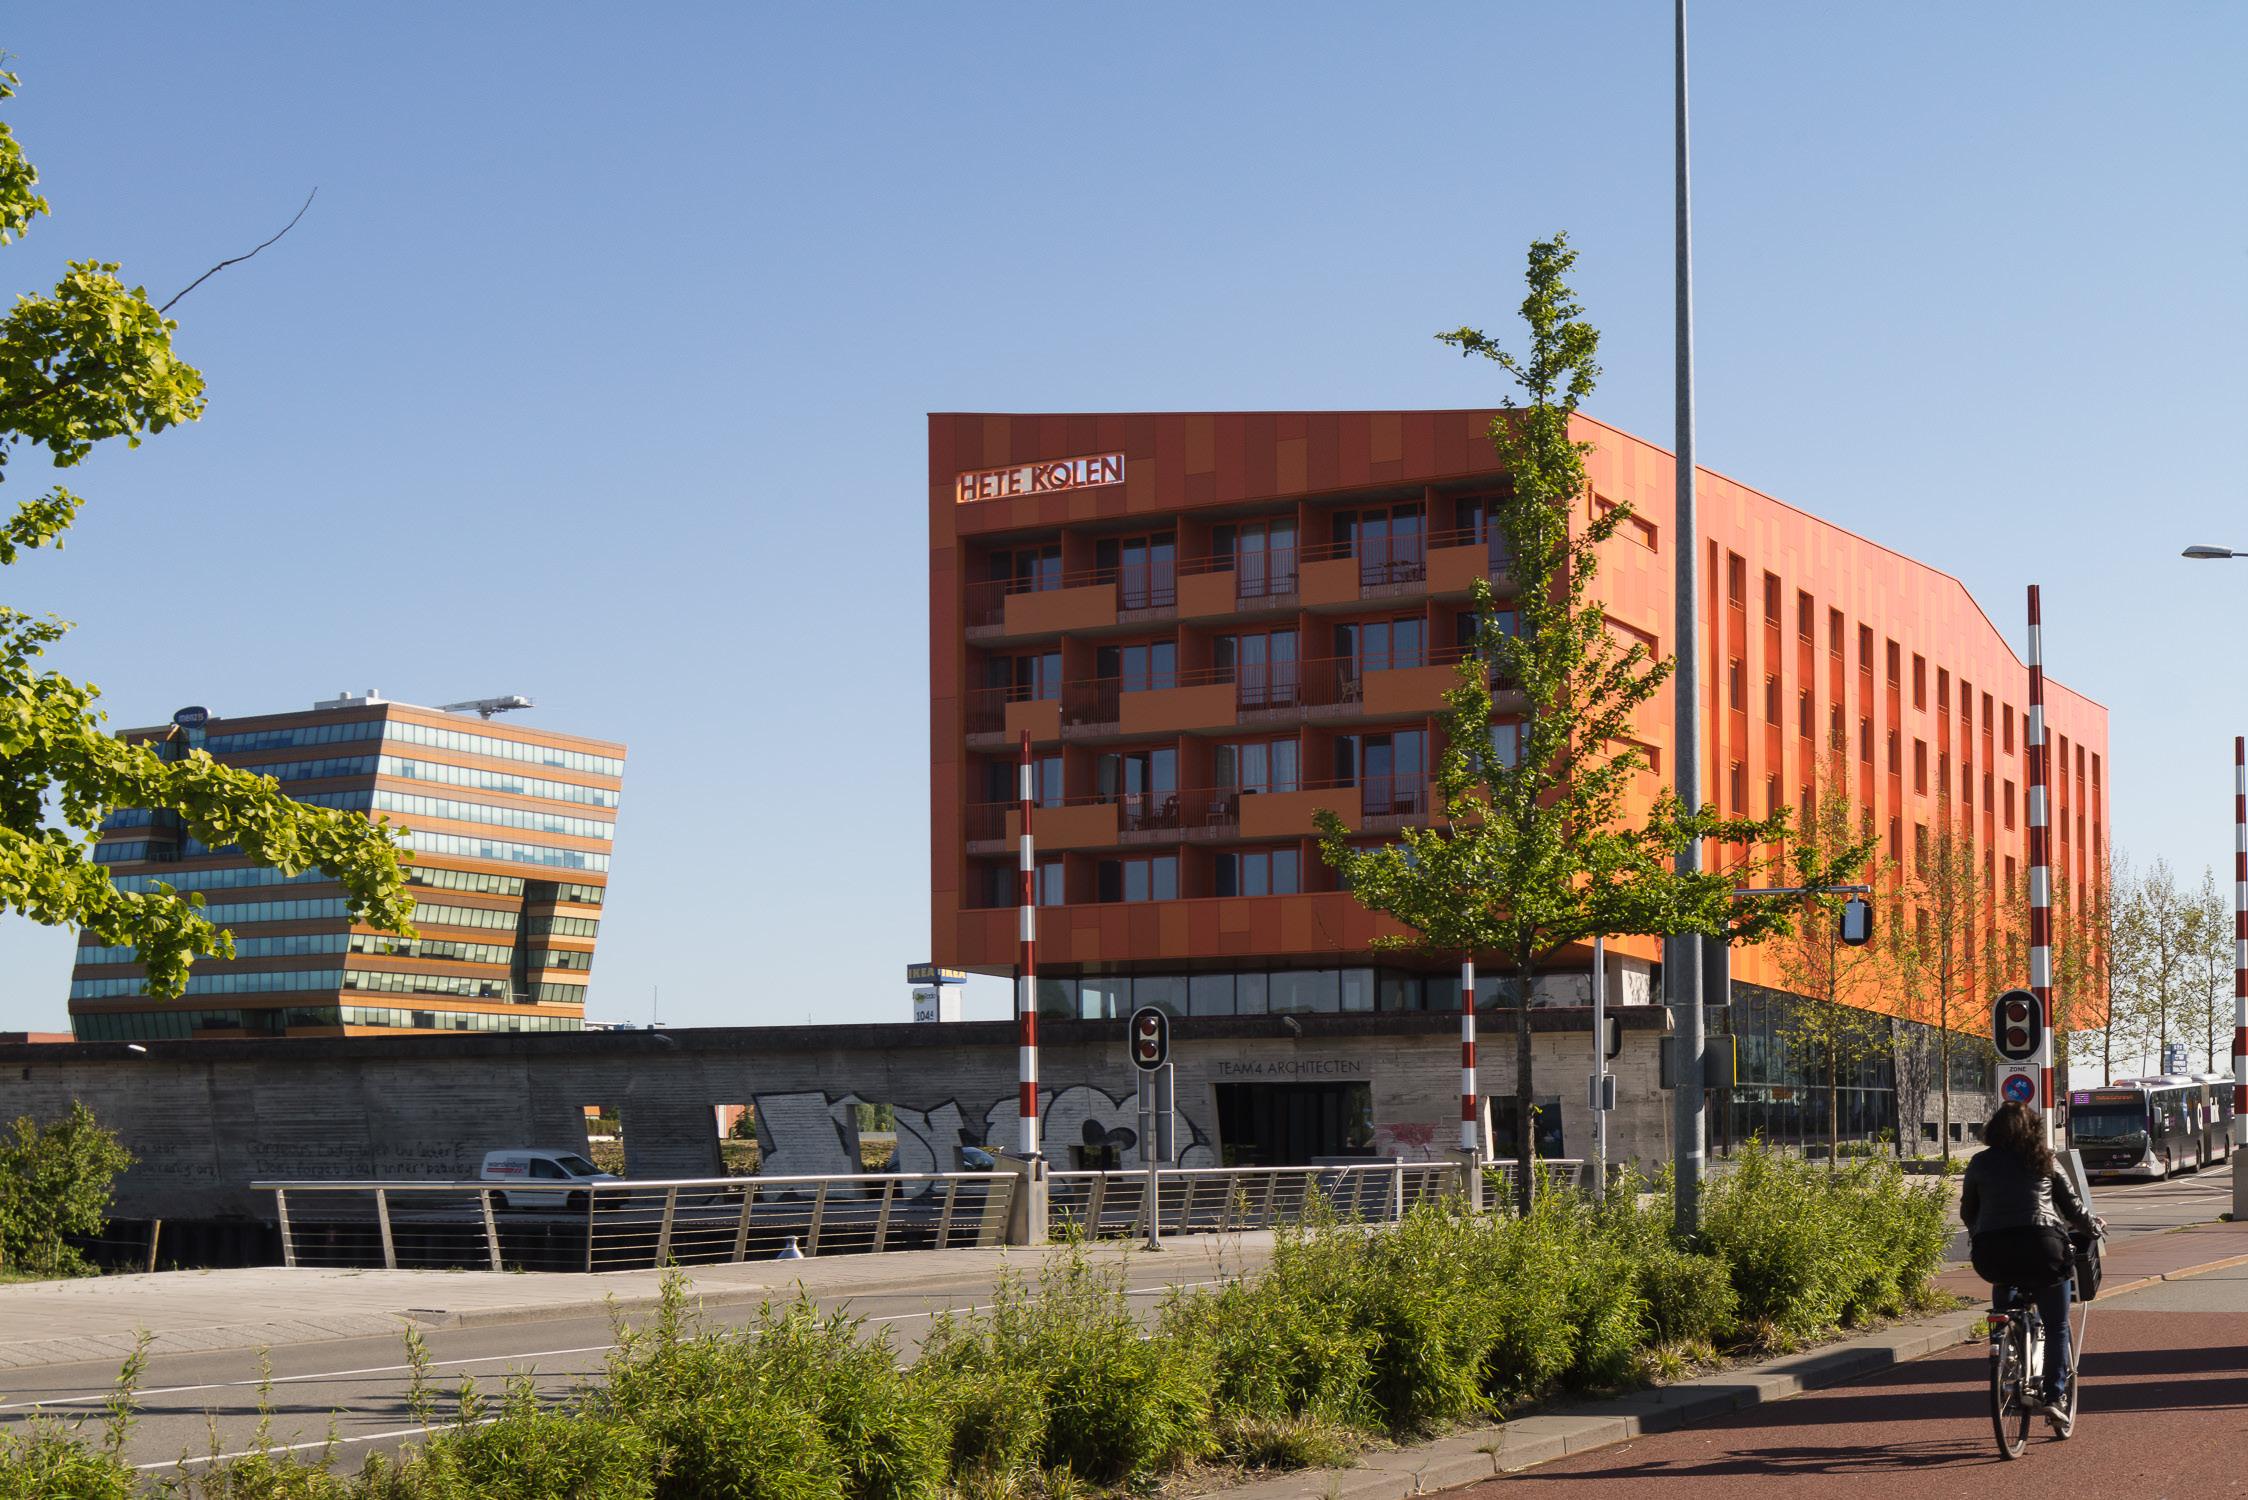 <p>Team 4 architecten vertrekt uit Hete Kolen en vestigt zich tot medio 2019 in Het Kwadraat</p>